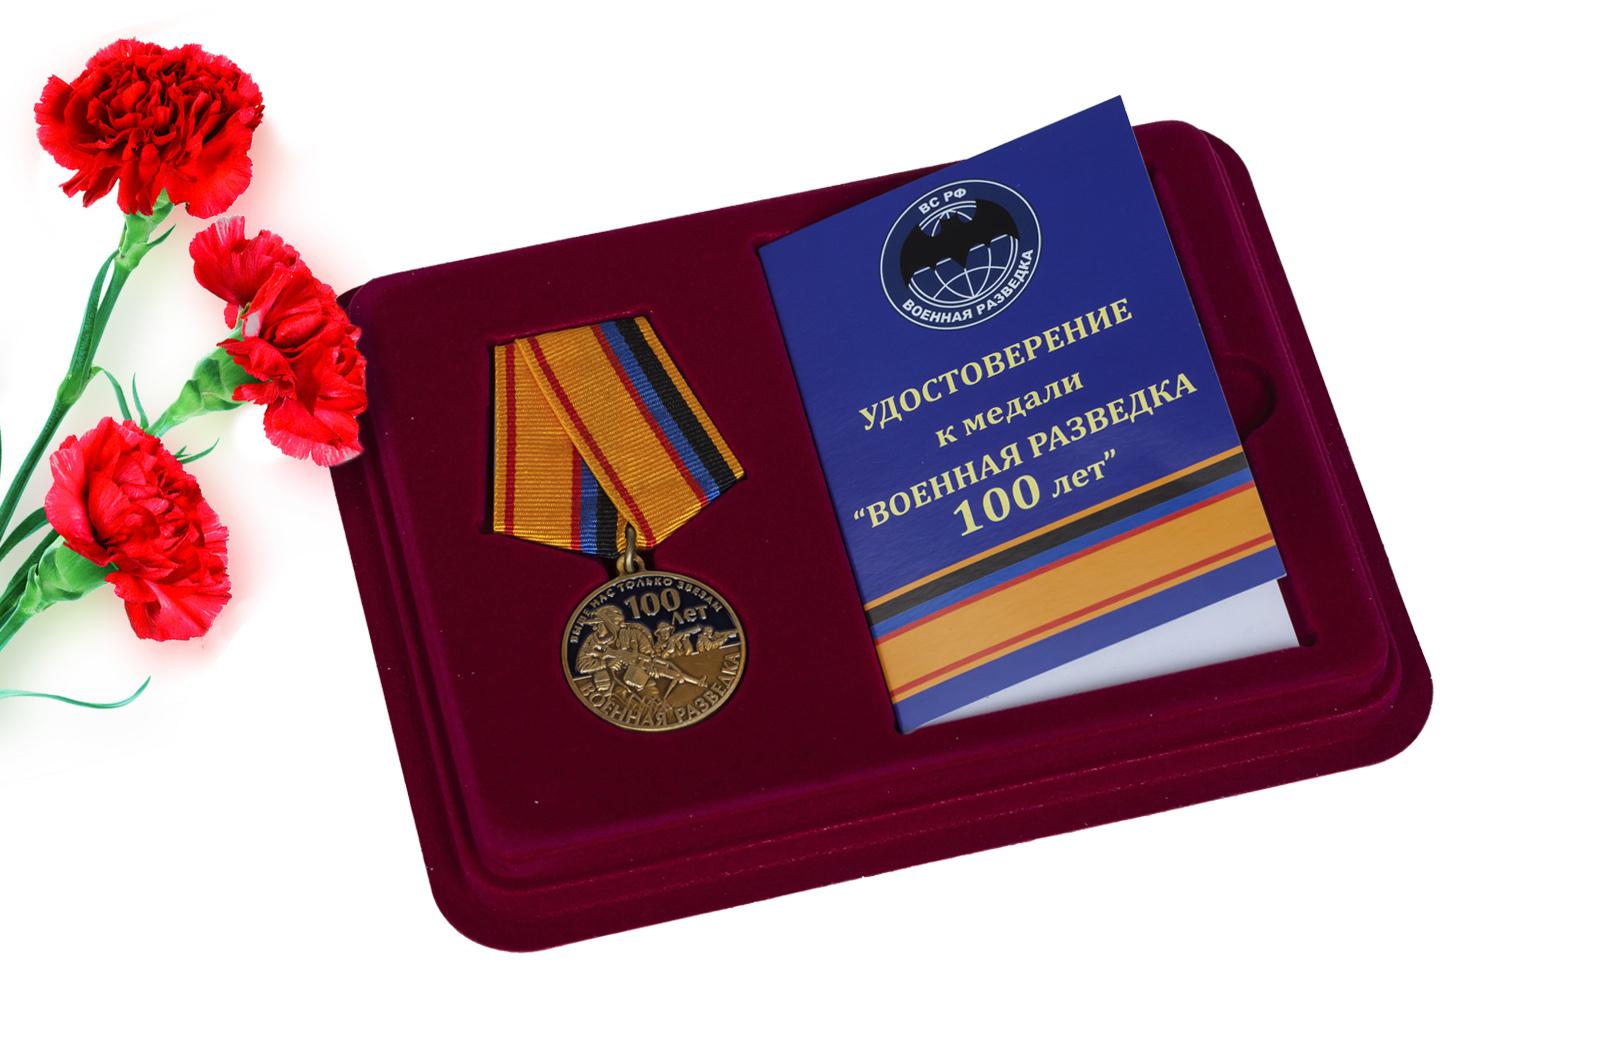 Купить медаль 100 лет Военной разведки оптом или в розницу